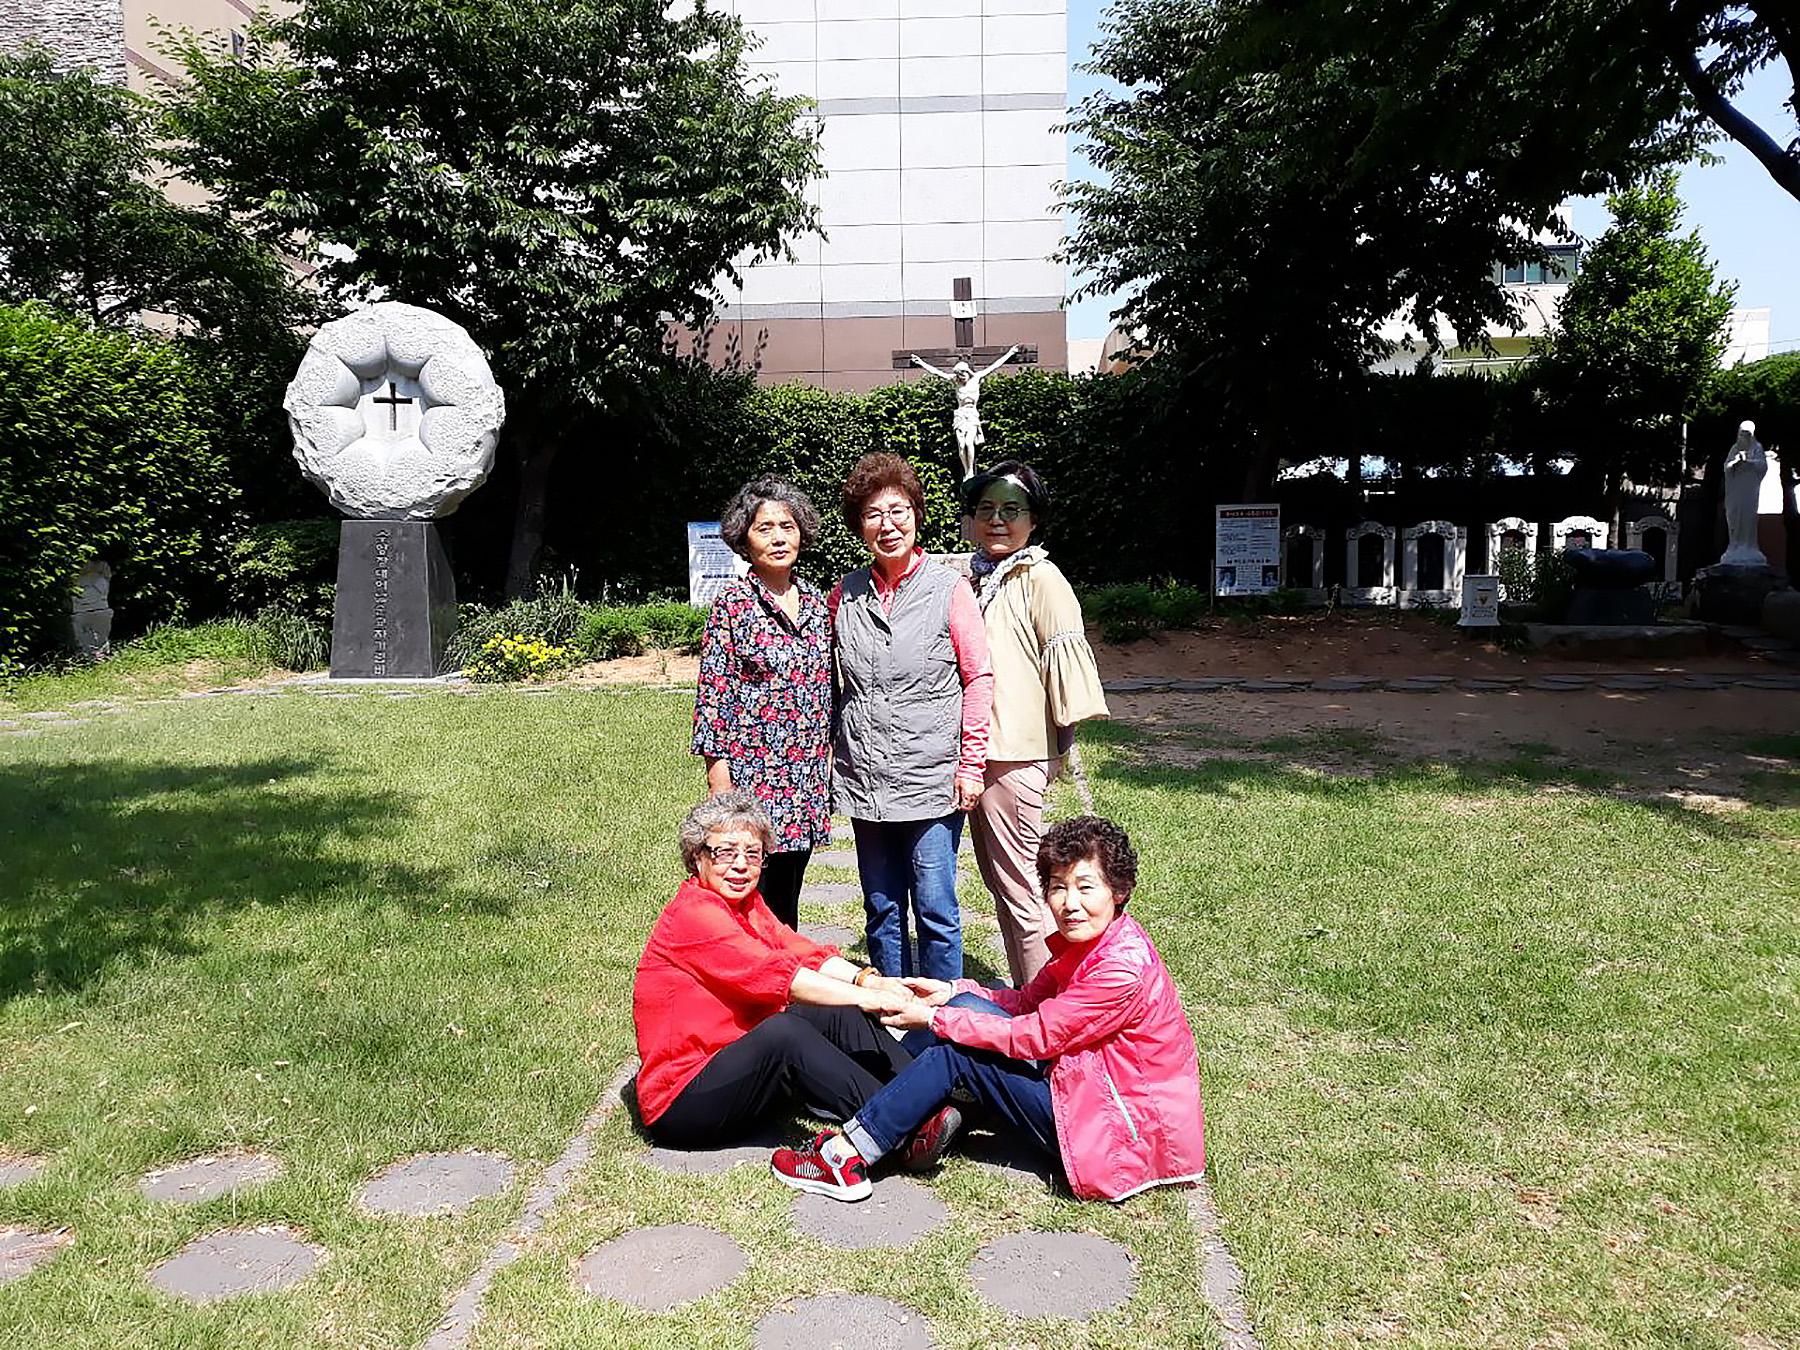 파티마의성모 6명 장대골순교성지2.jpg